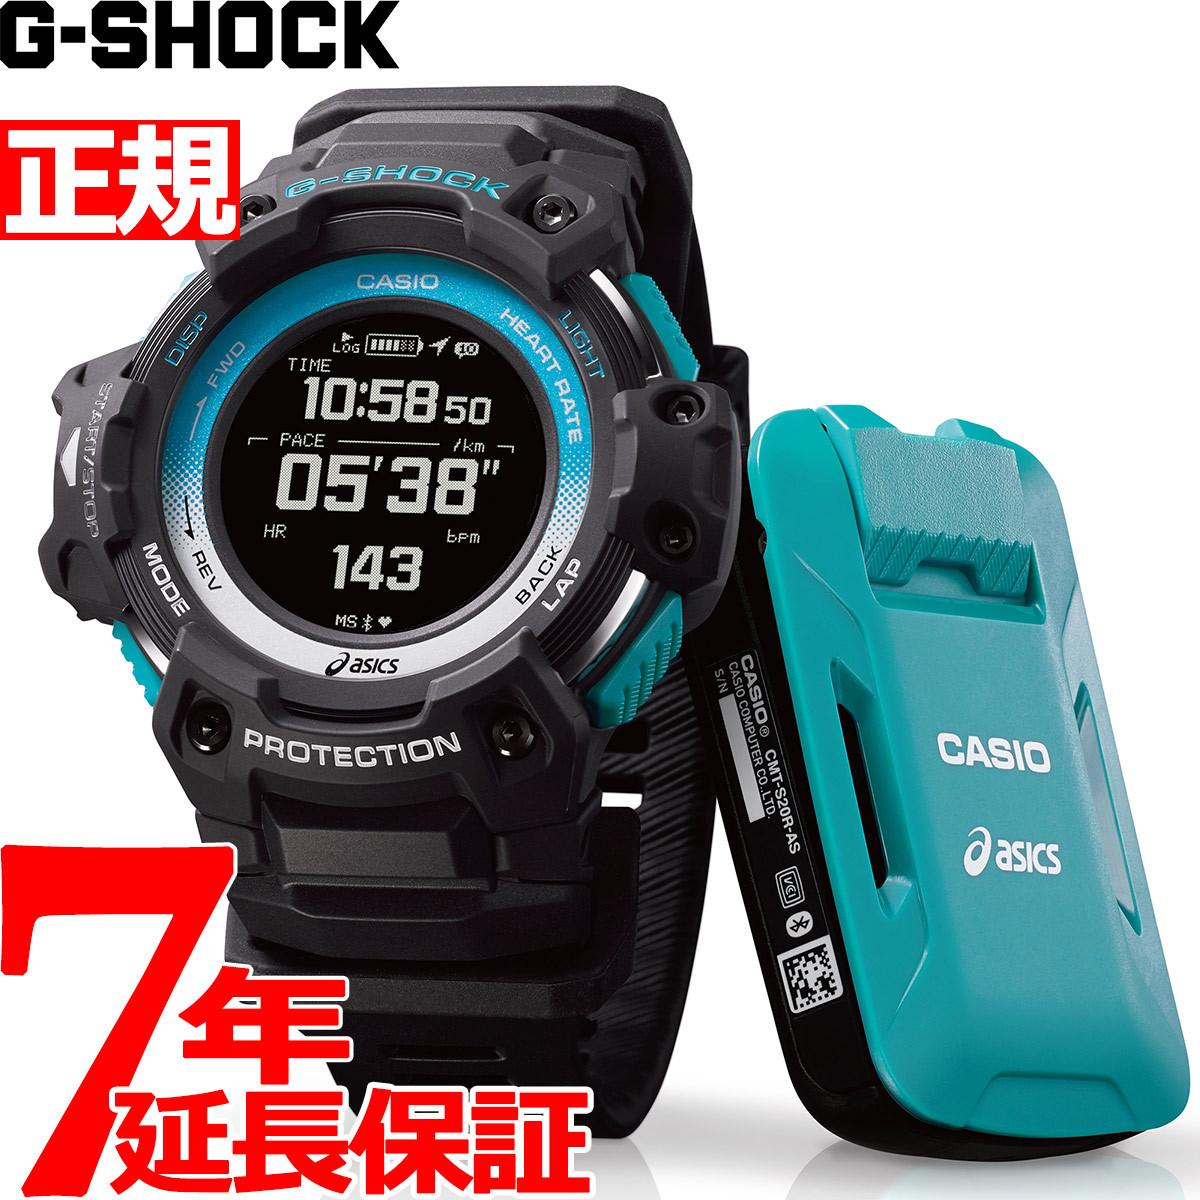 カシオ G-SHOCK × アシックス ASICS モーションセンサーセット Runmetrix GSR-H1000AS-SET